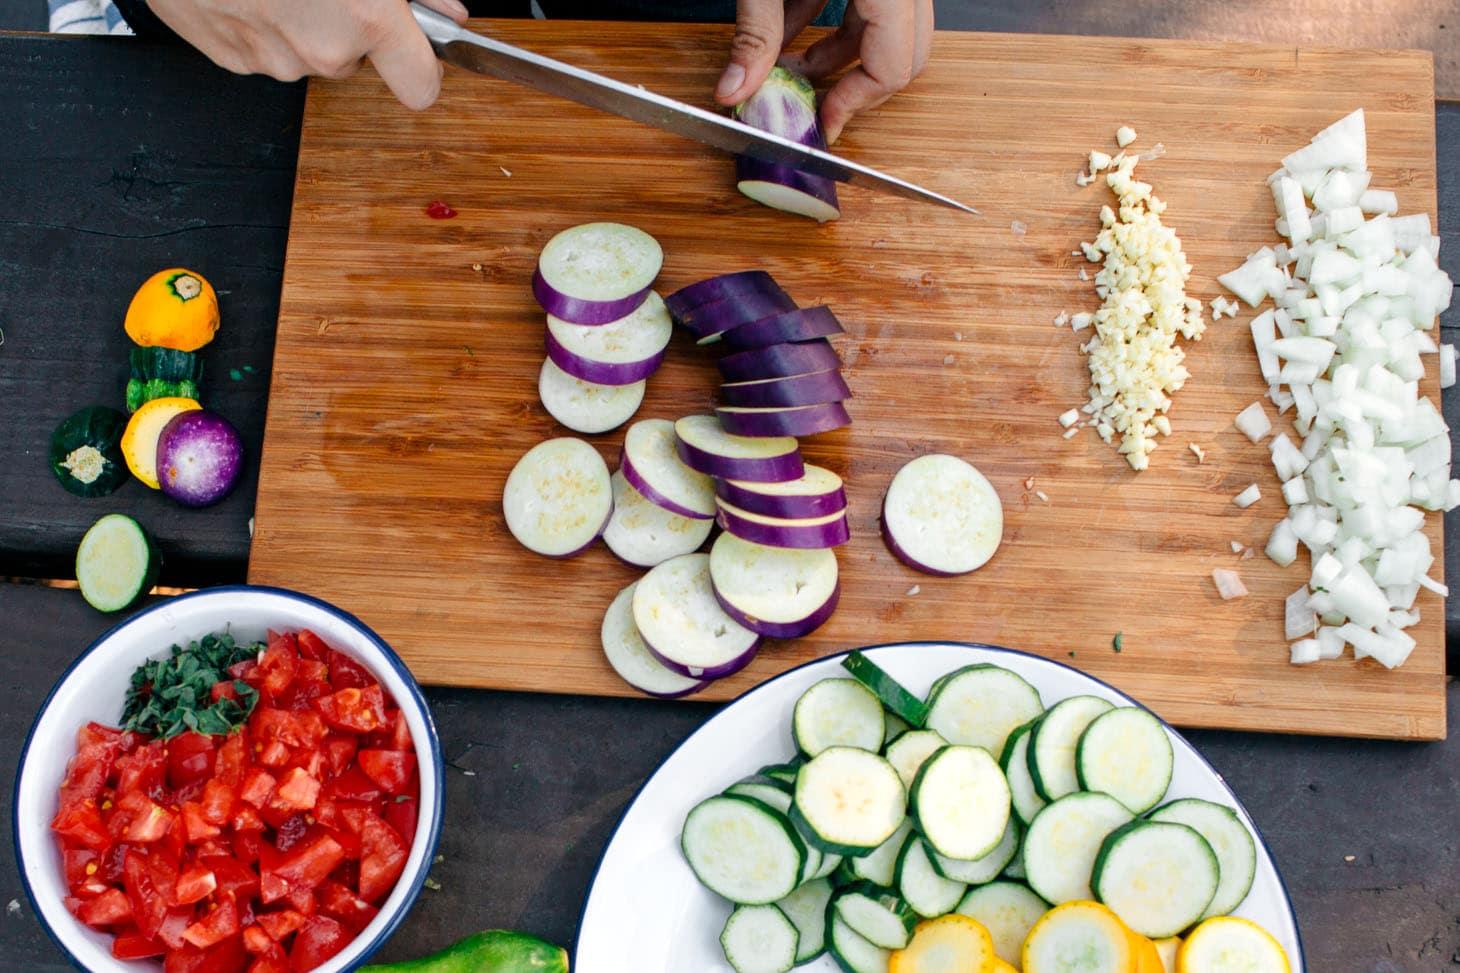 Summer vegetables for grilling